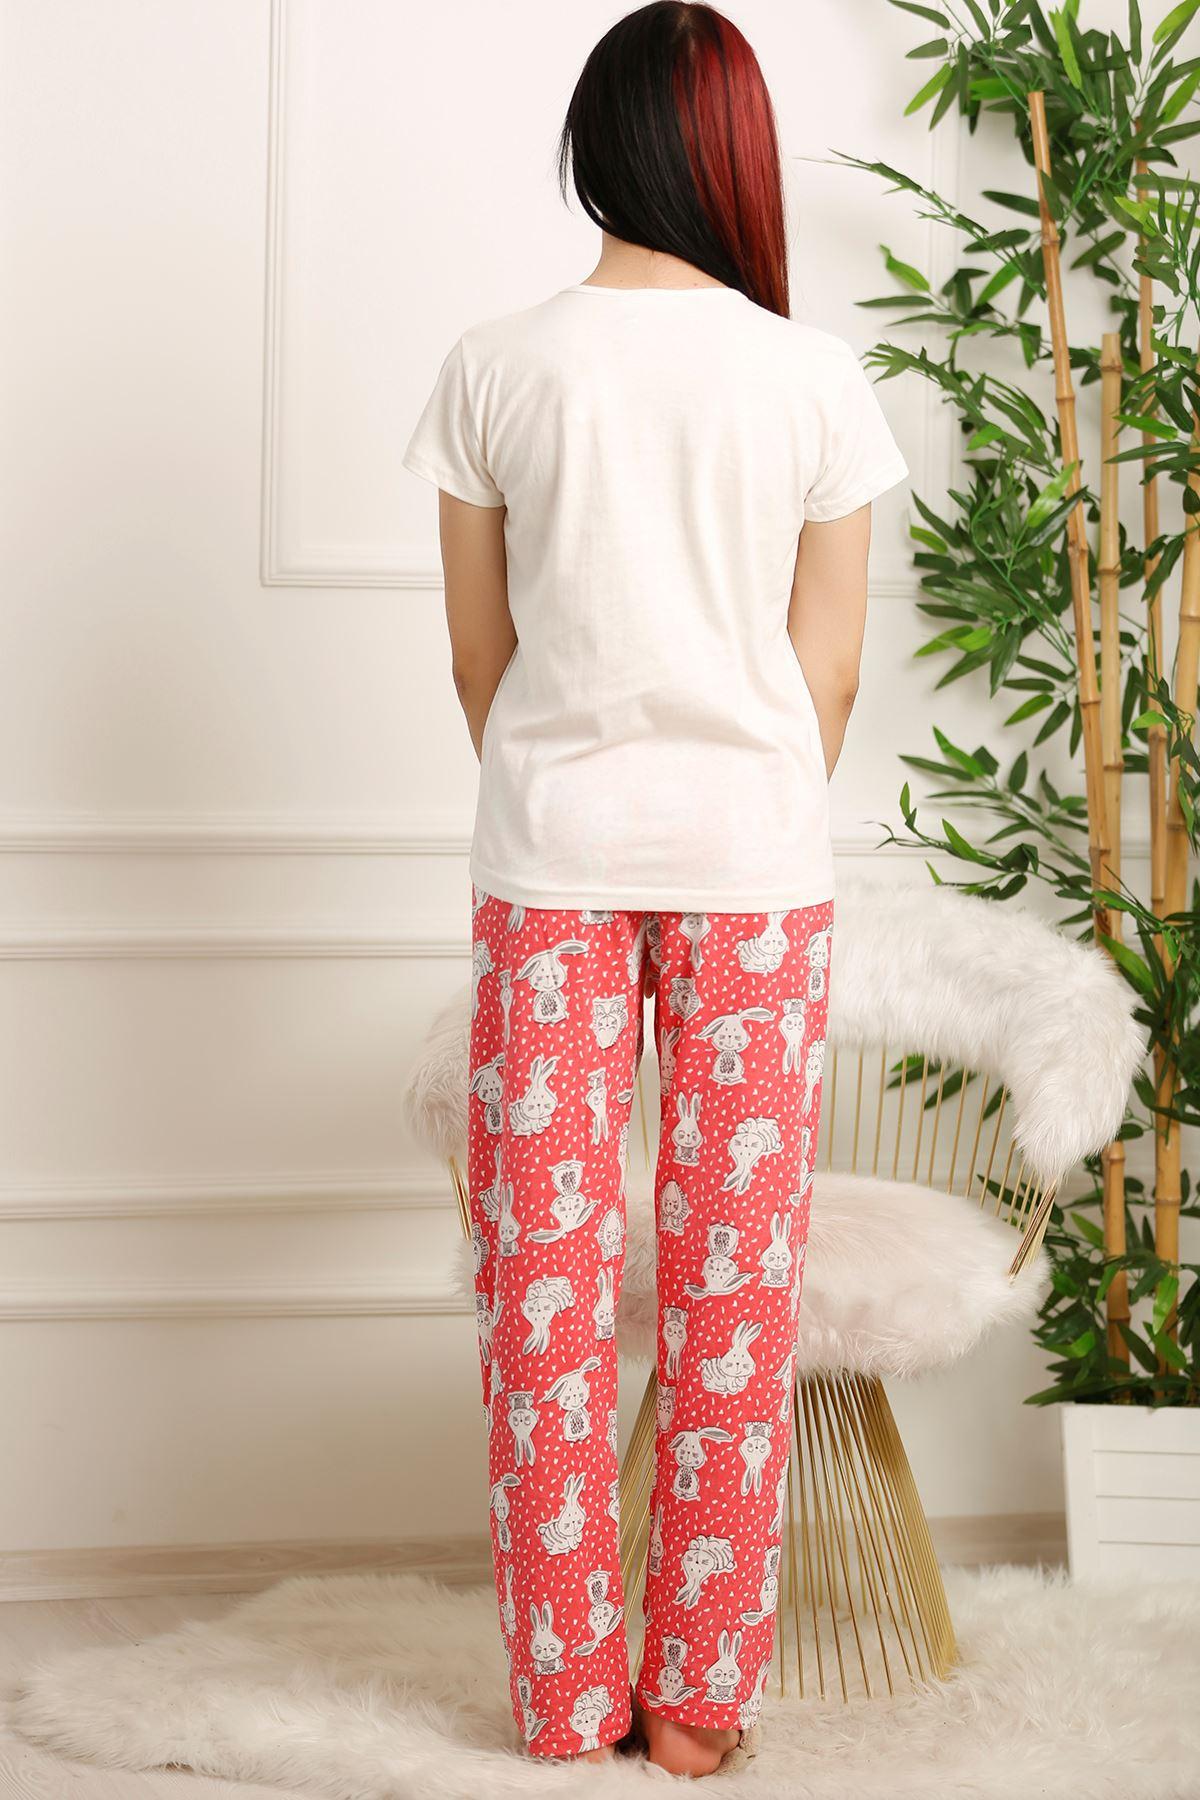 Kadın Pijama Takımı Kırıkbeyaz - 5031.1059.